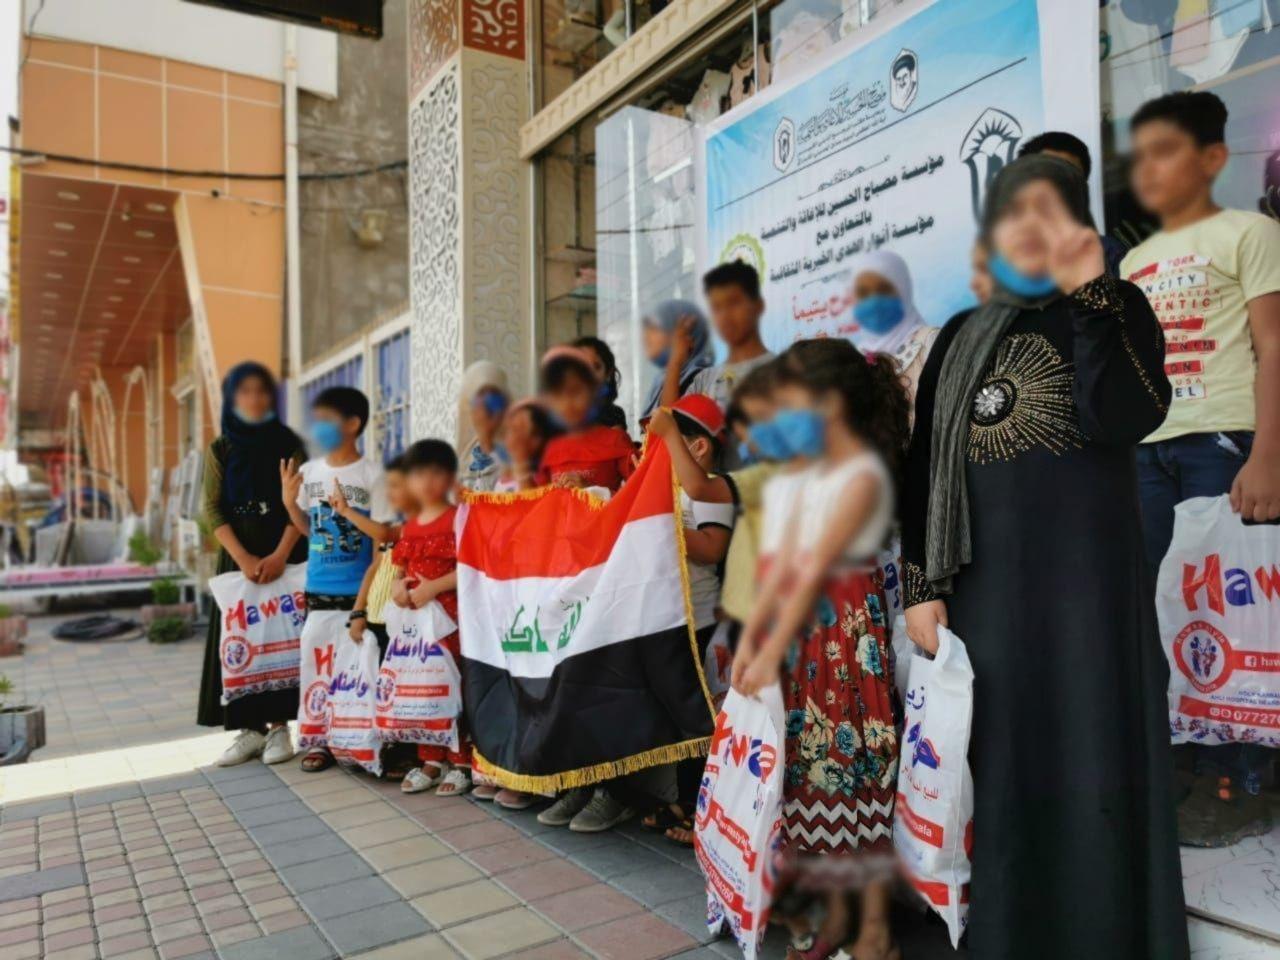 صورة مؤسسة مصباح الحسين عليه السلام تطلق مشروعاً خيرياً لزرع البسمة على وجوه أيتام كربلاء المقدسة